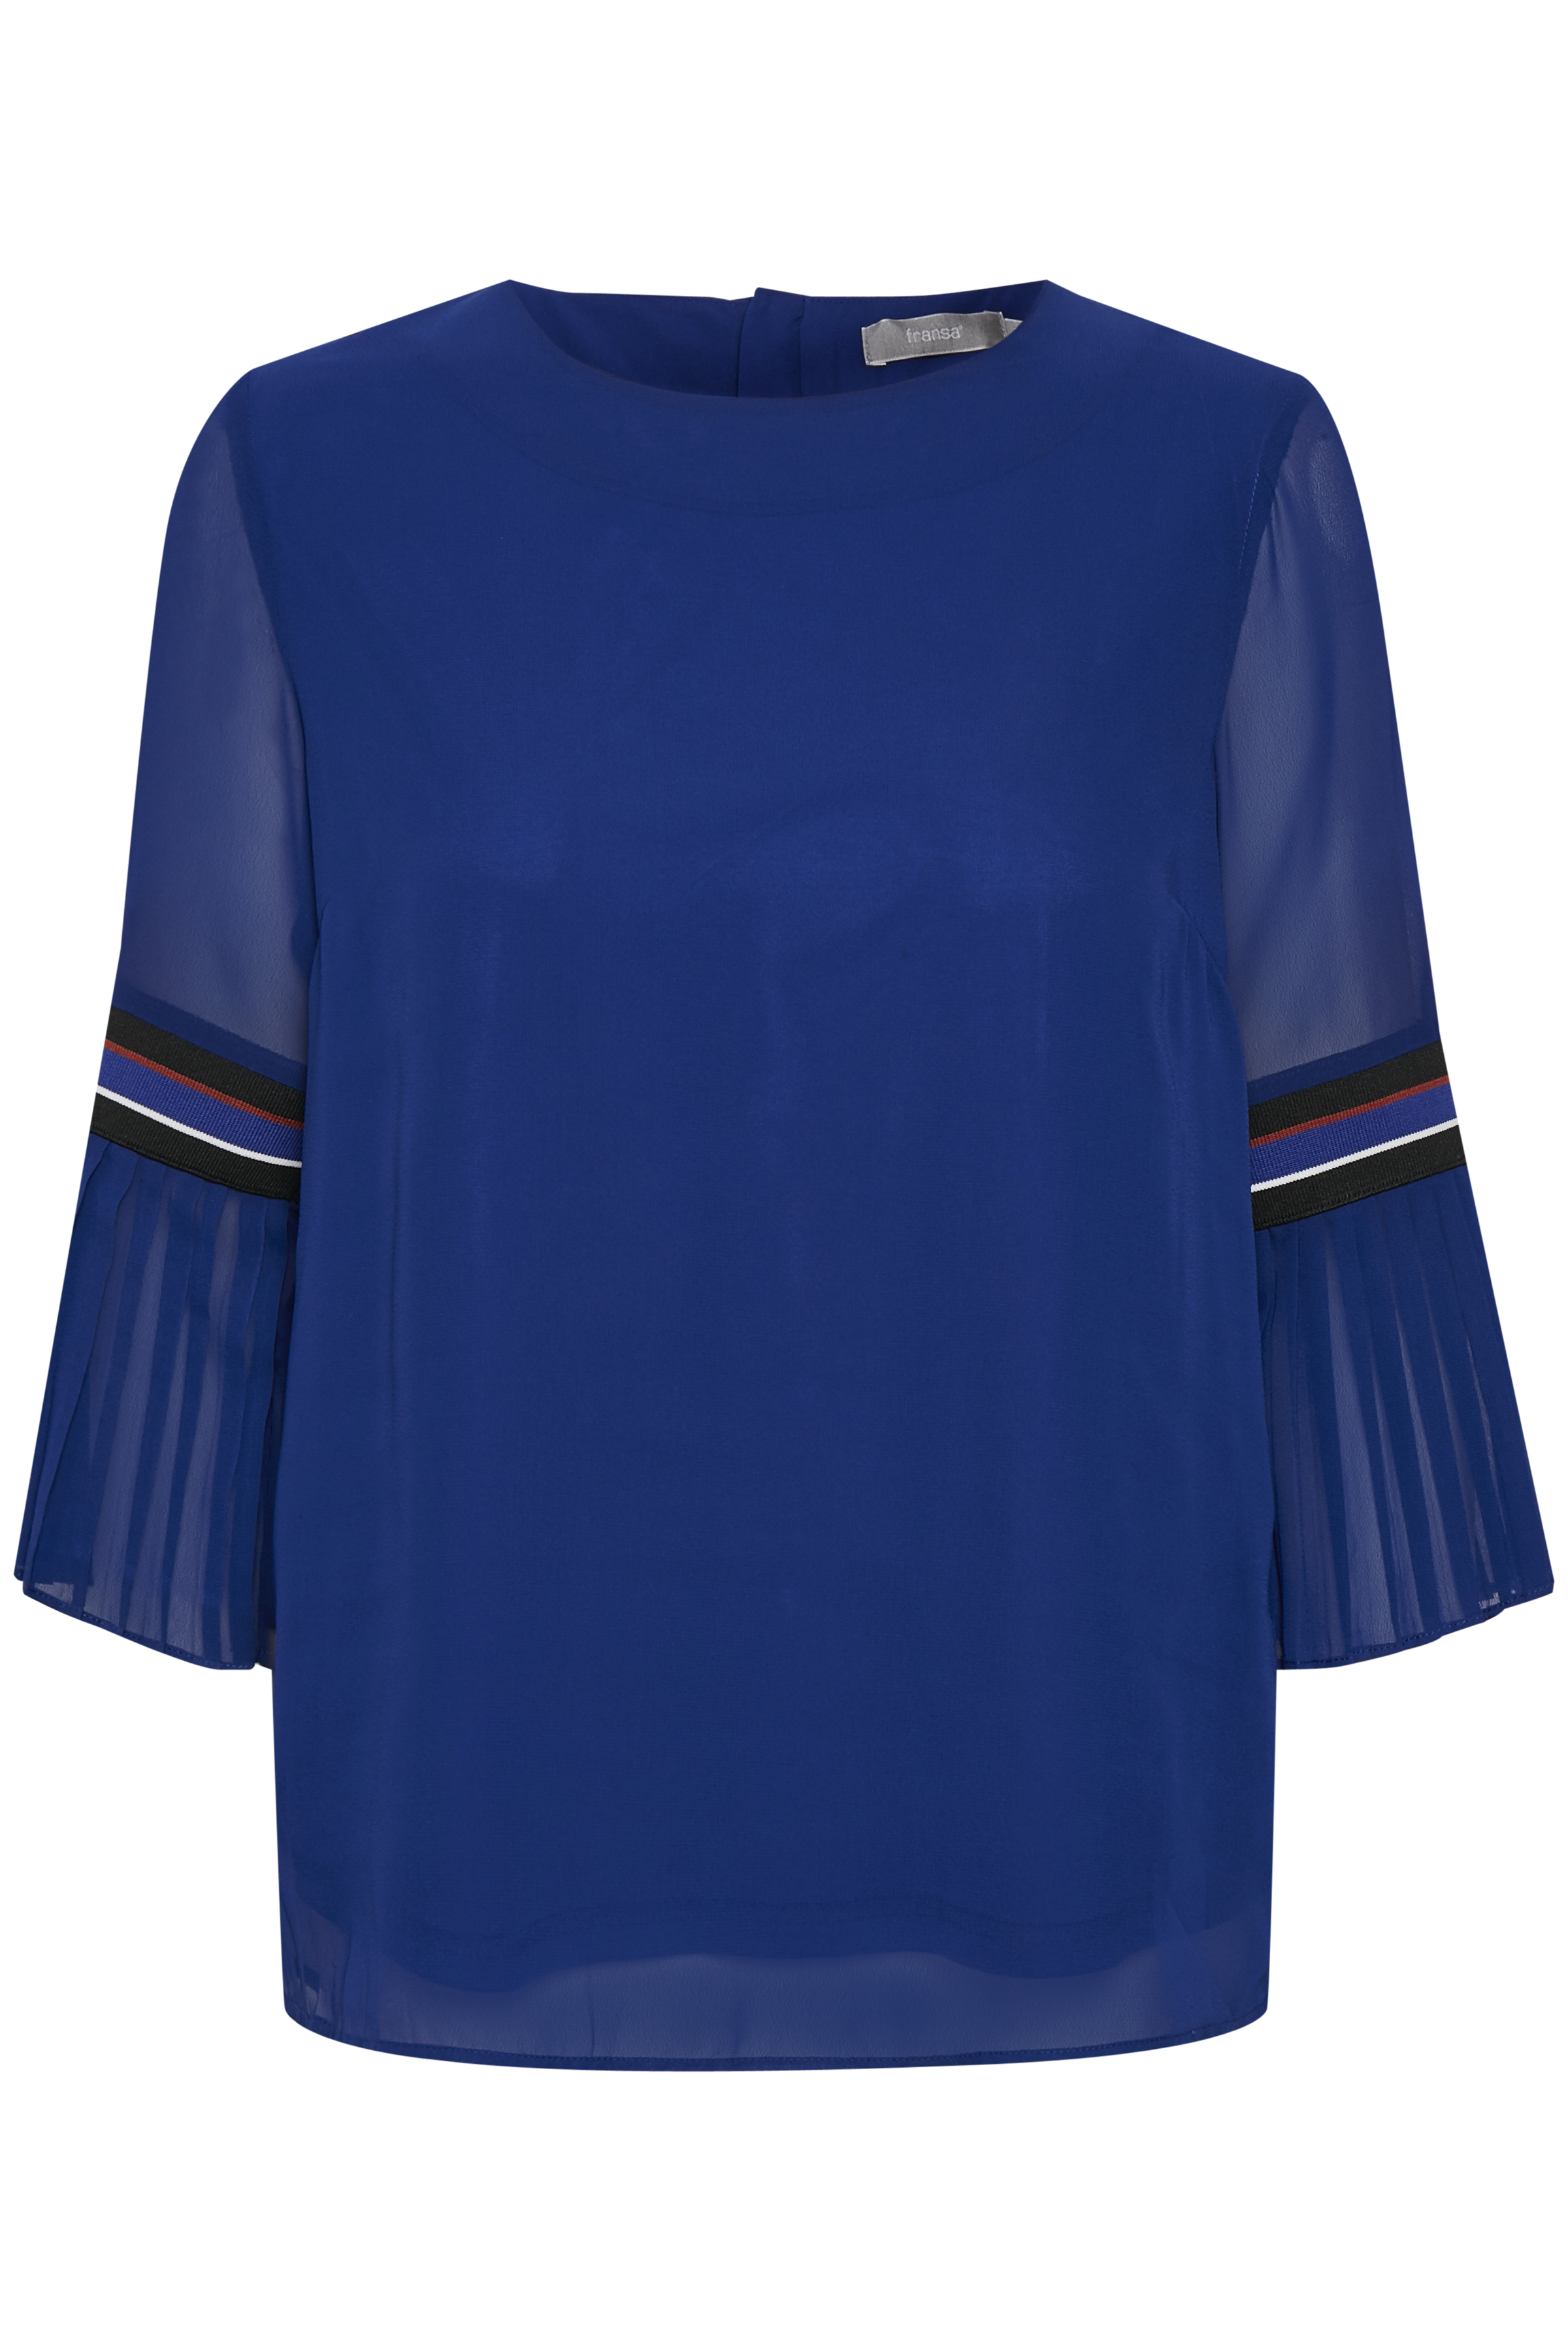 Mørkeblå Bluse fra Fransa – Køb Mørkeblå Bluse fra str. XS-XXL her